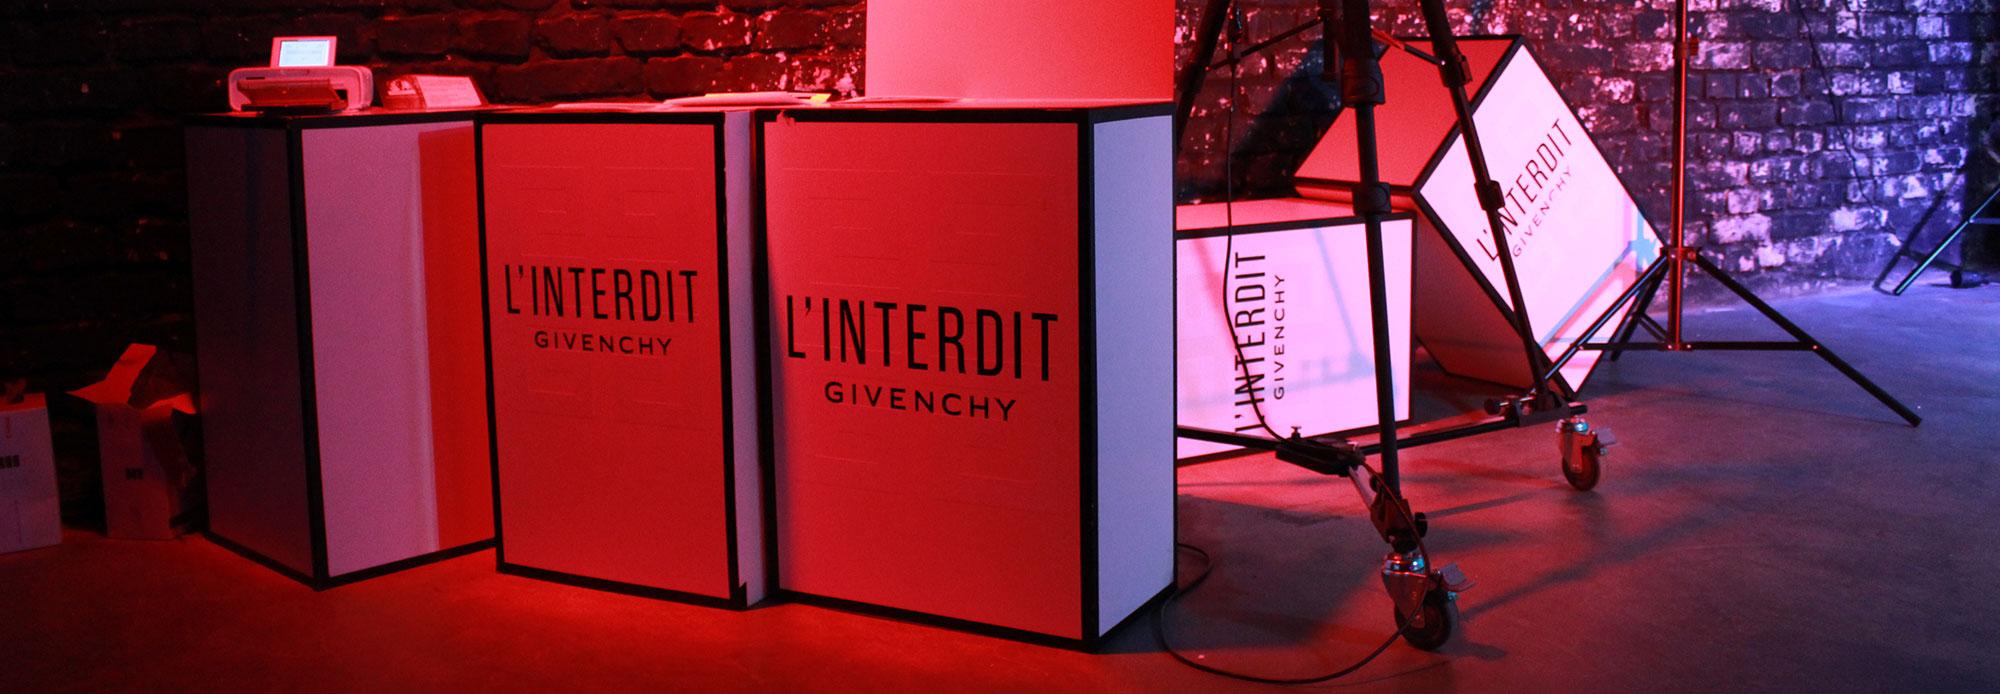 Givenchy L'Interdit in Berlin Mitte mit der Digital Graffiti Wall von Urban Artists